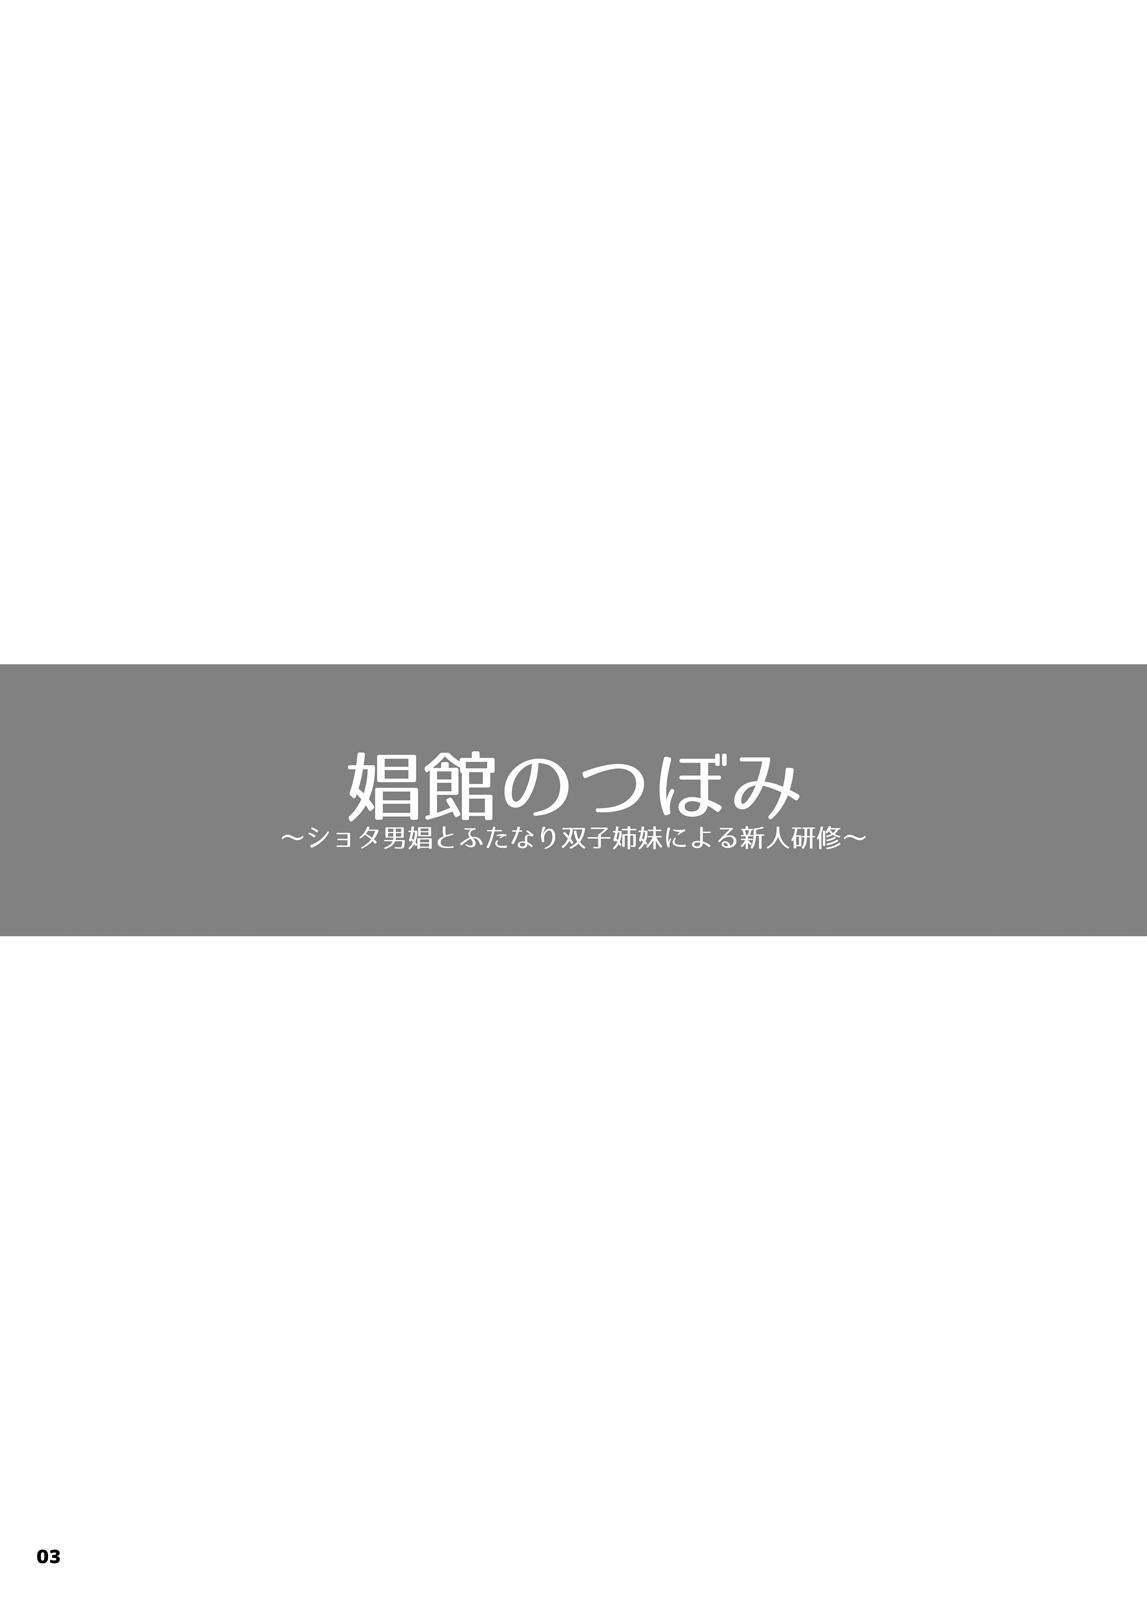 Shoukan no Tsubomi 1